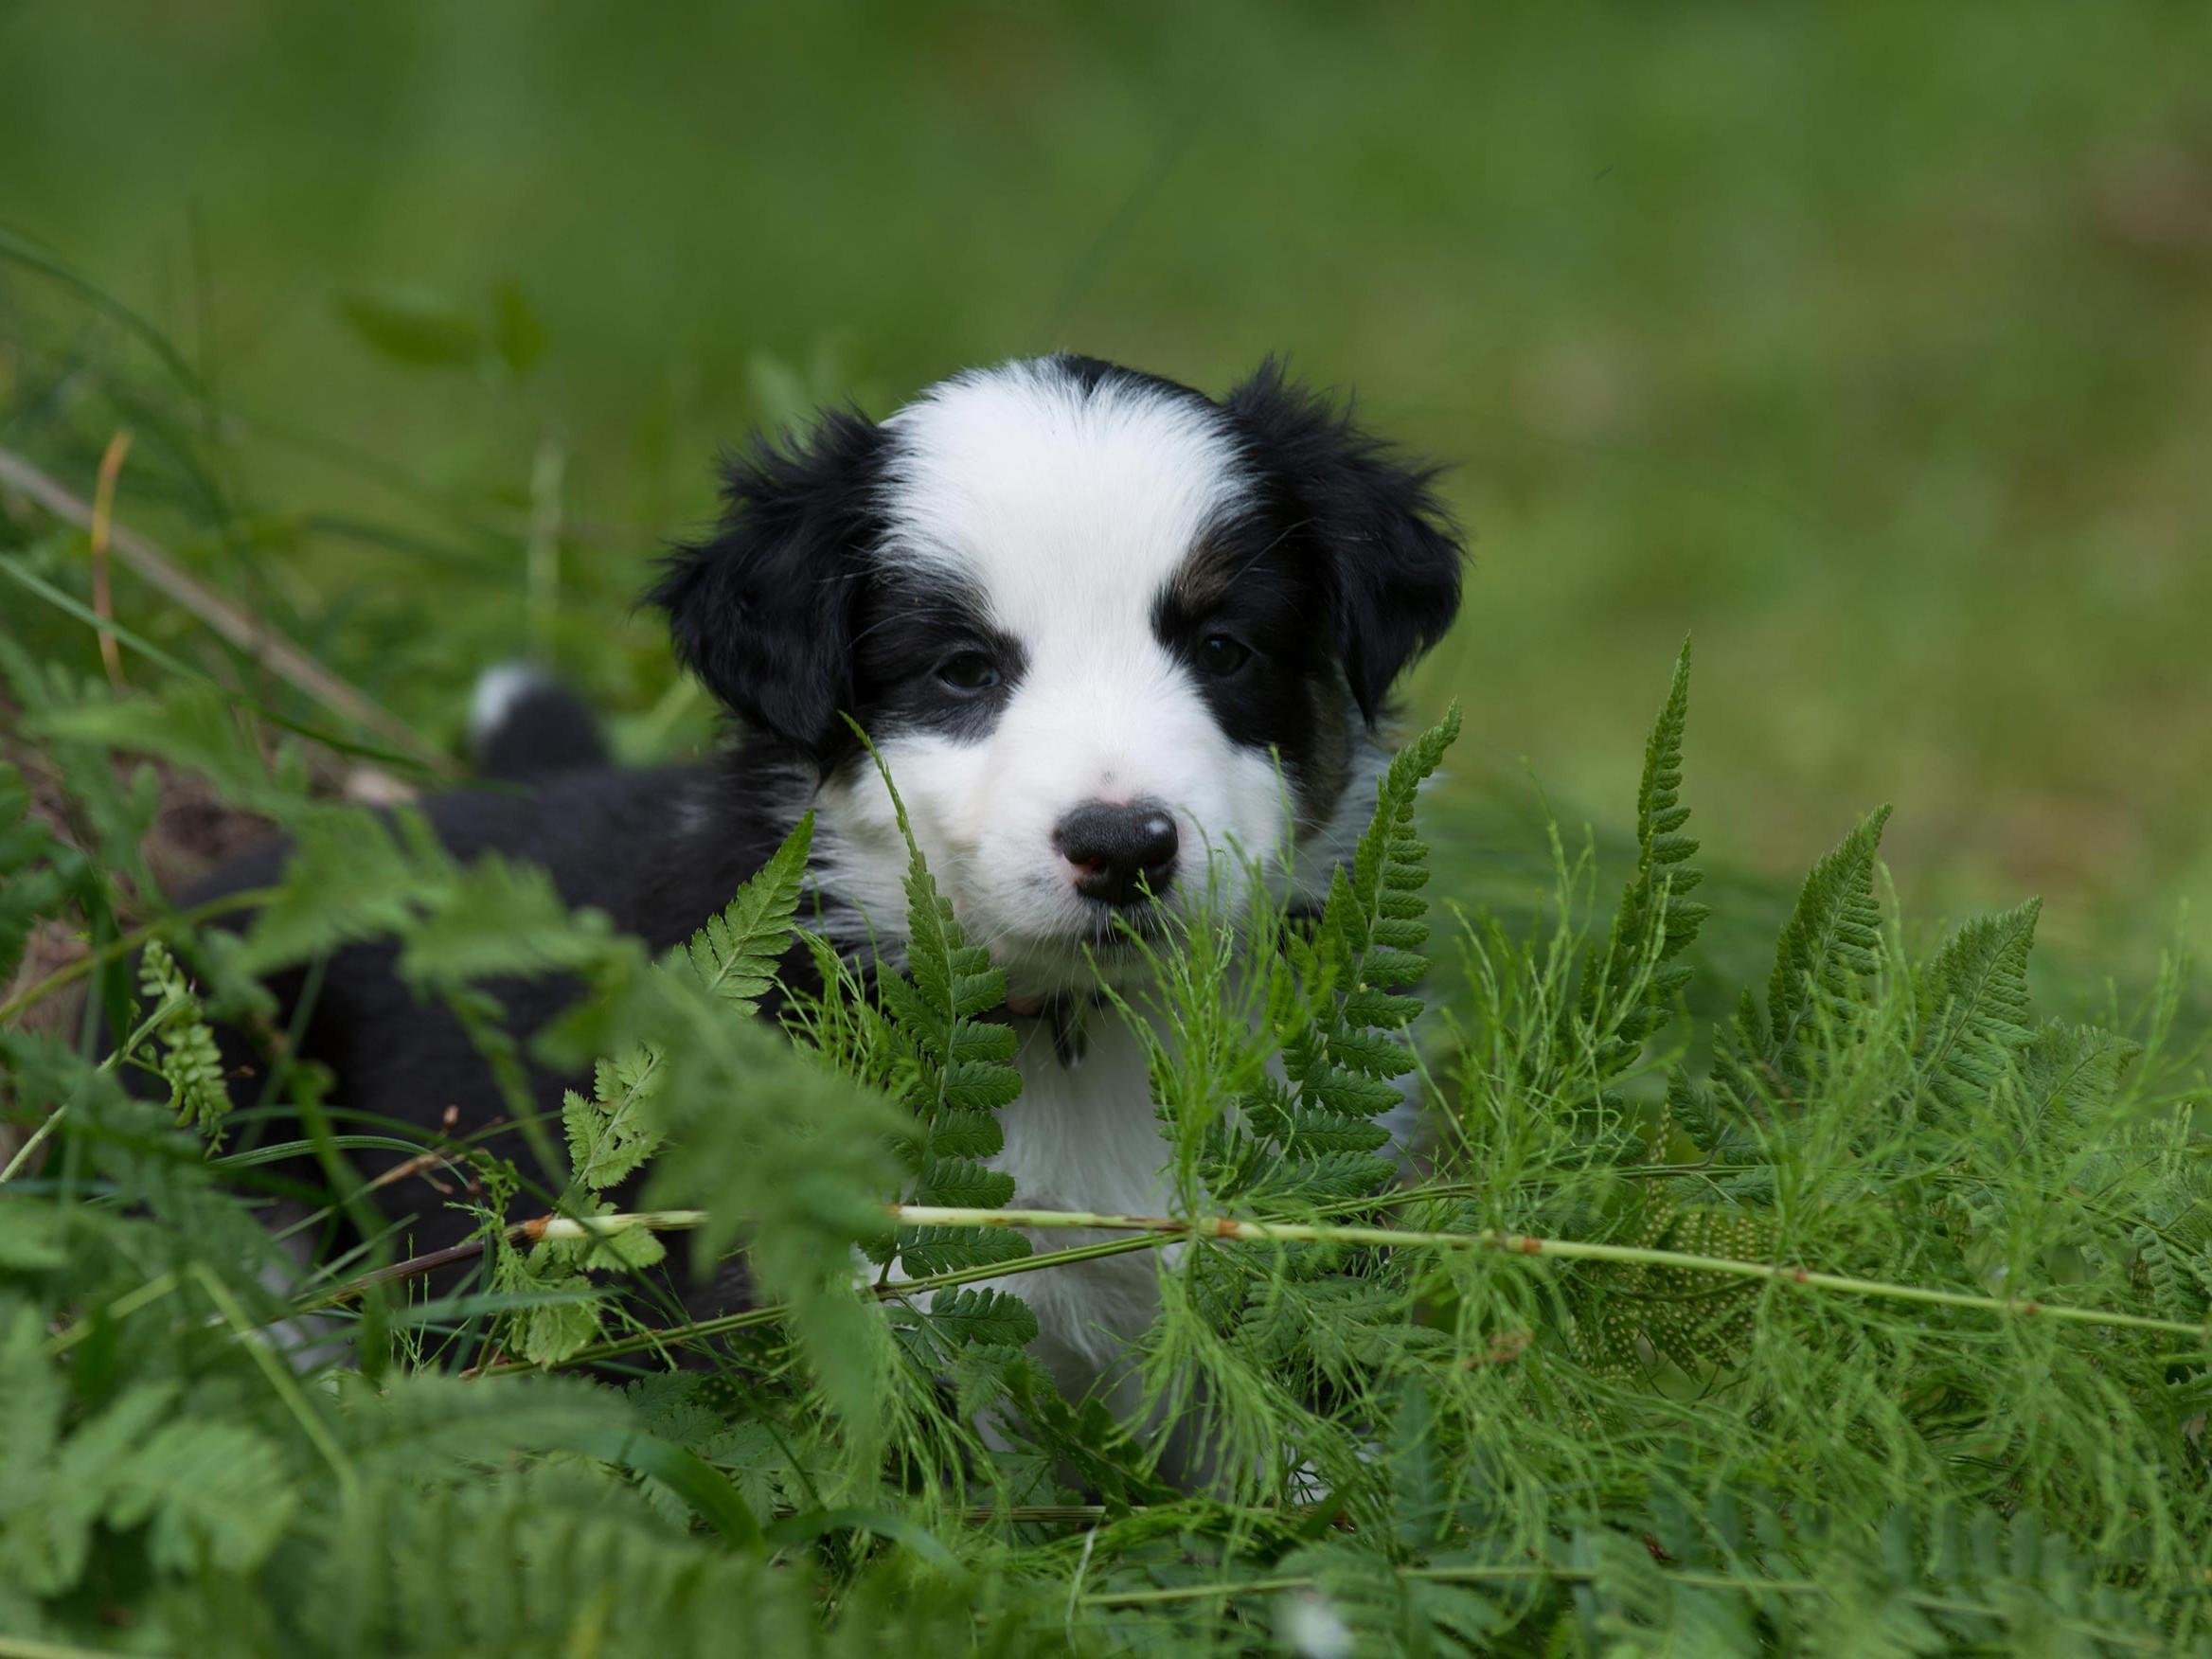 Eläinlääkäriasema Helmen tietoartikkelit - Koiran synnytys